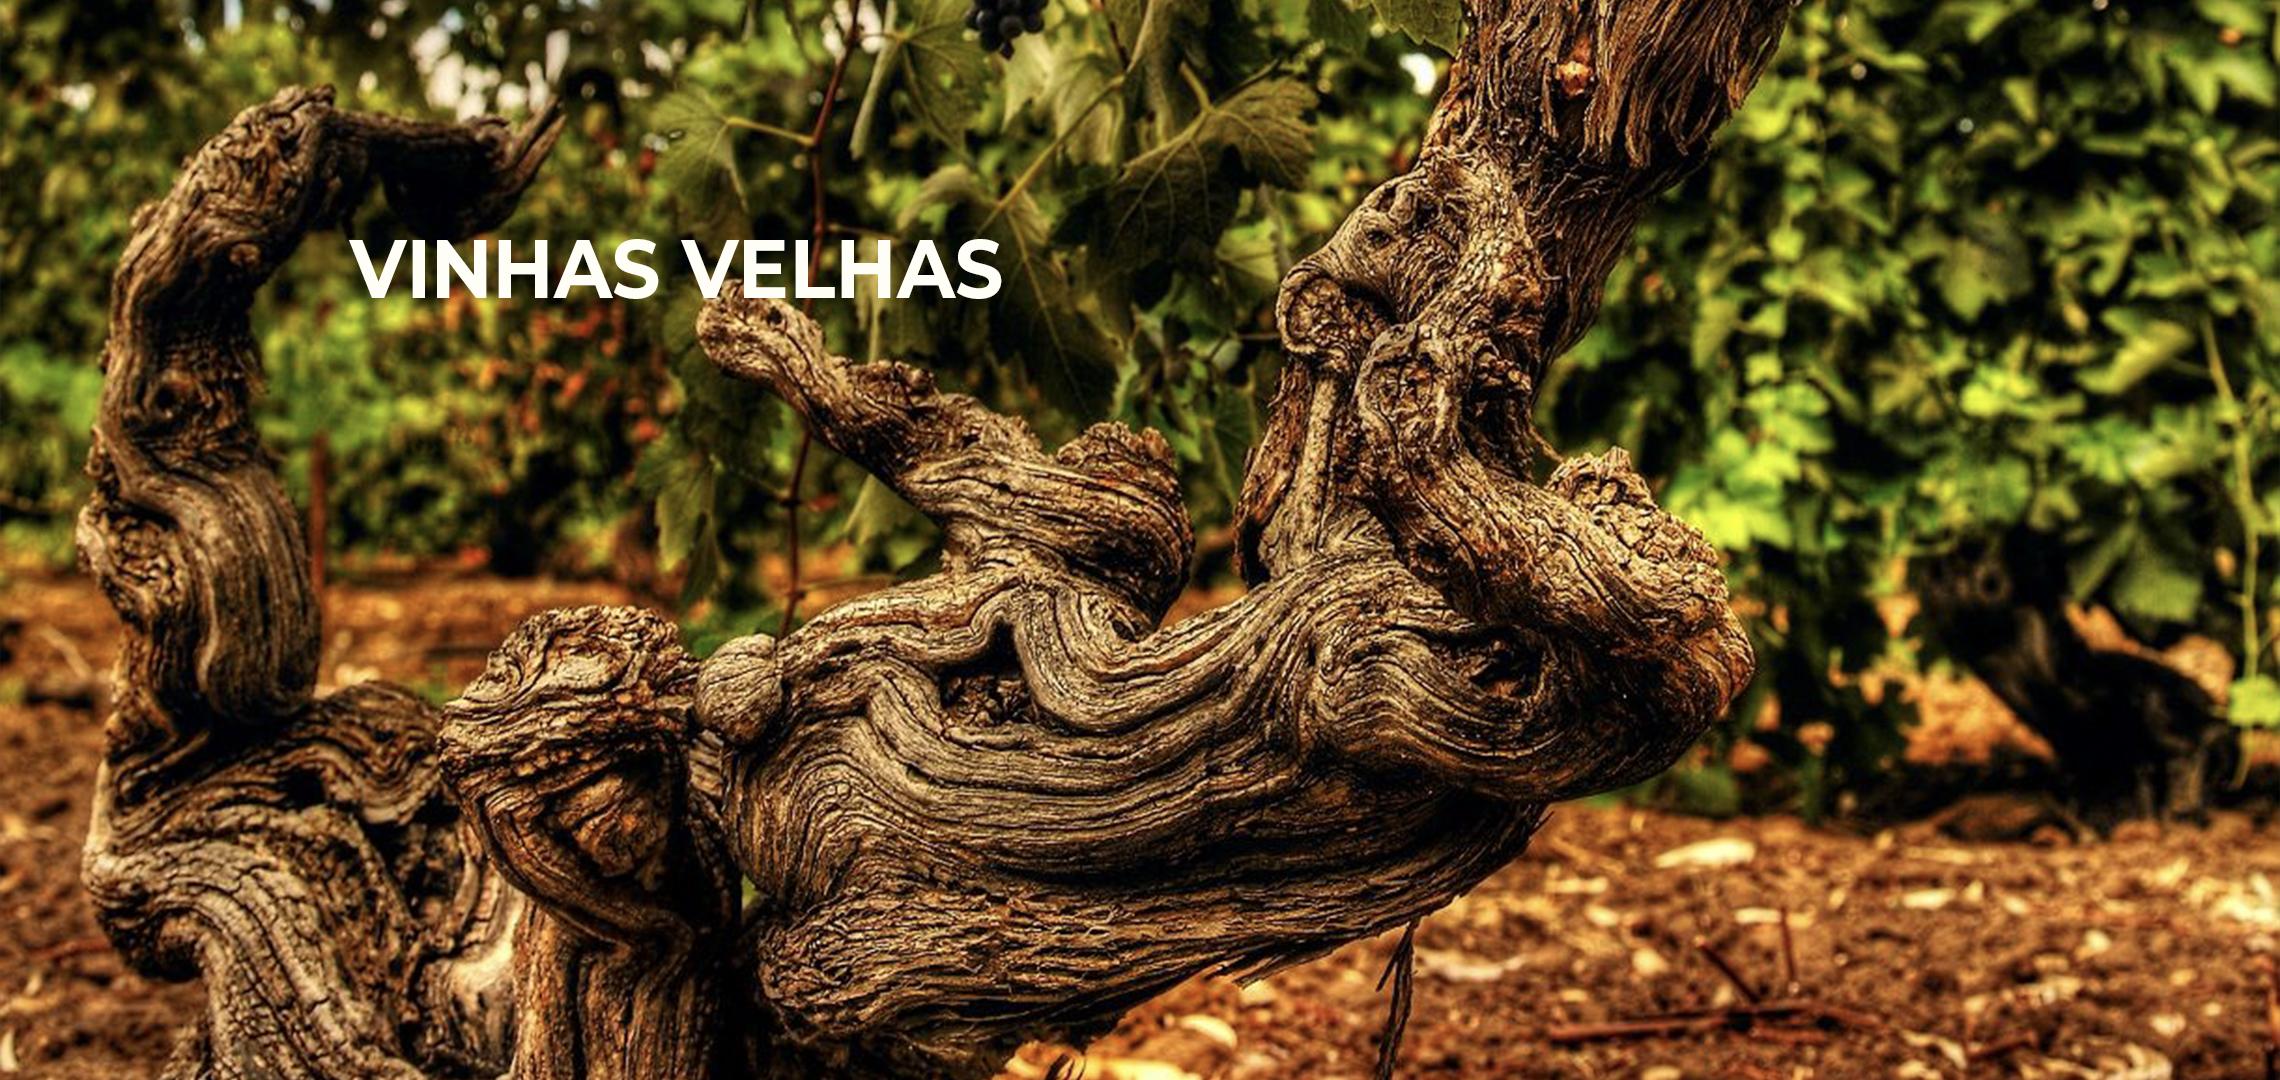 Vinhas velhas produzem vinhos de melhor qualidade?